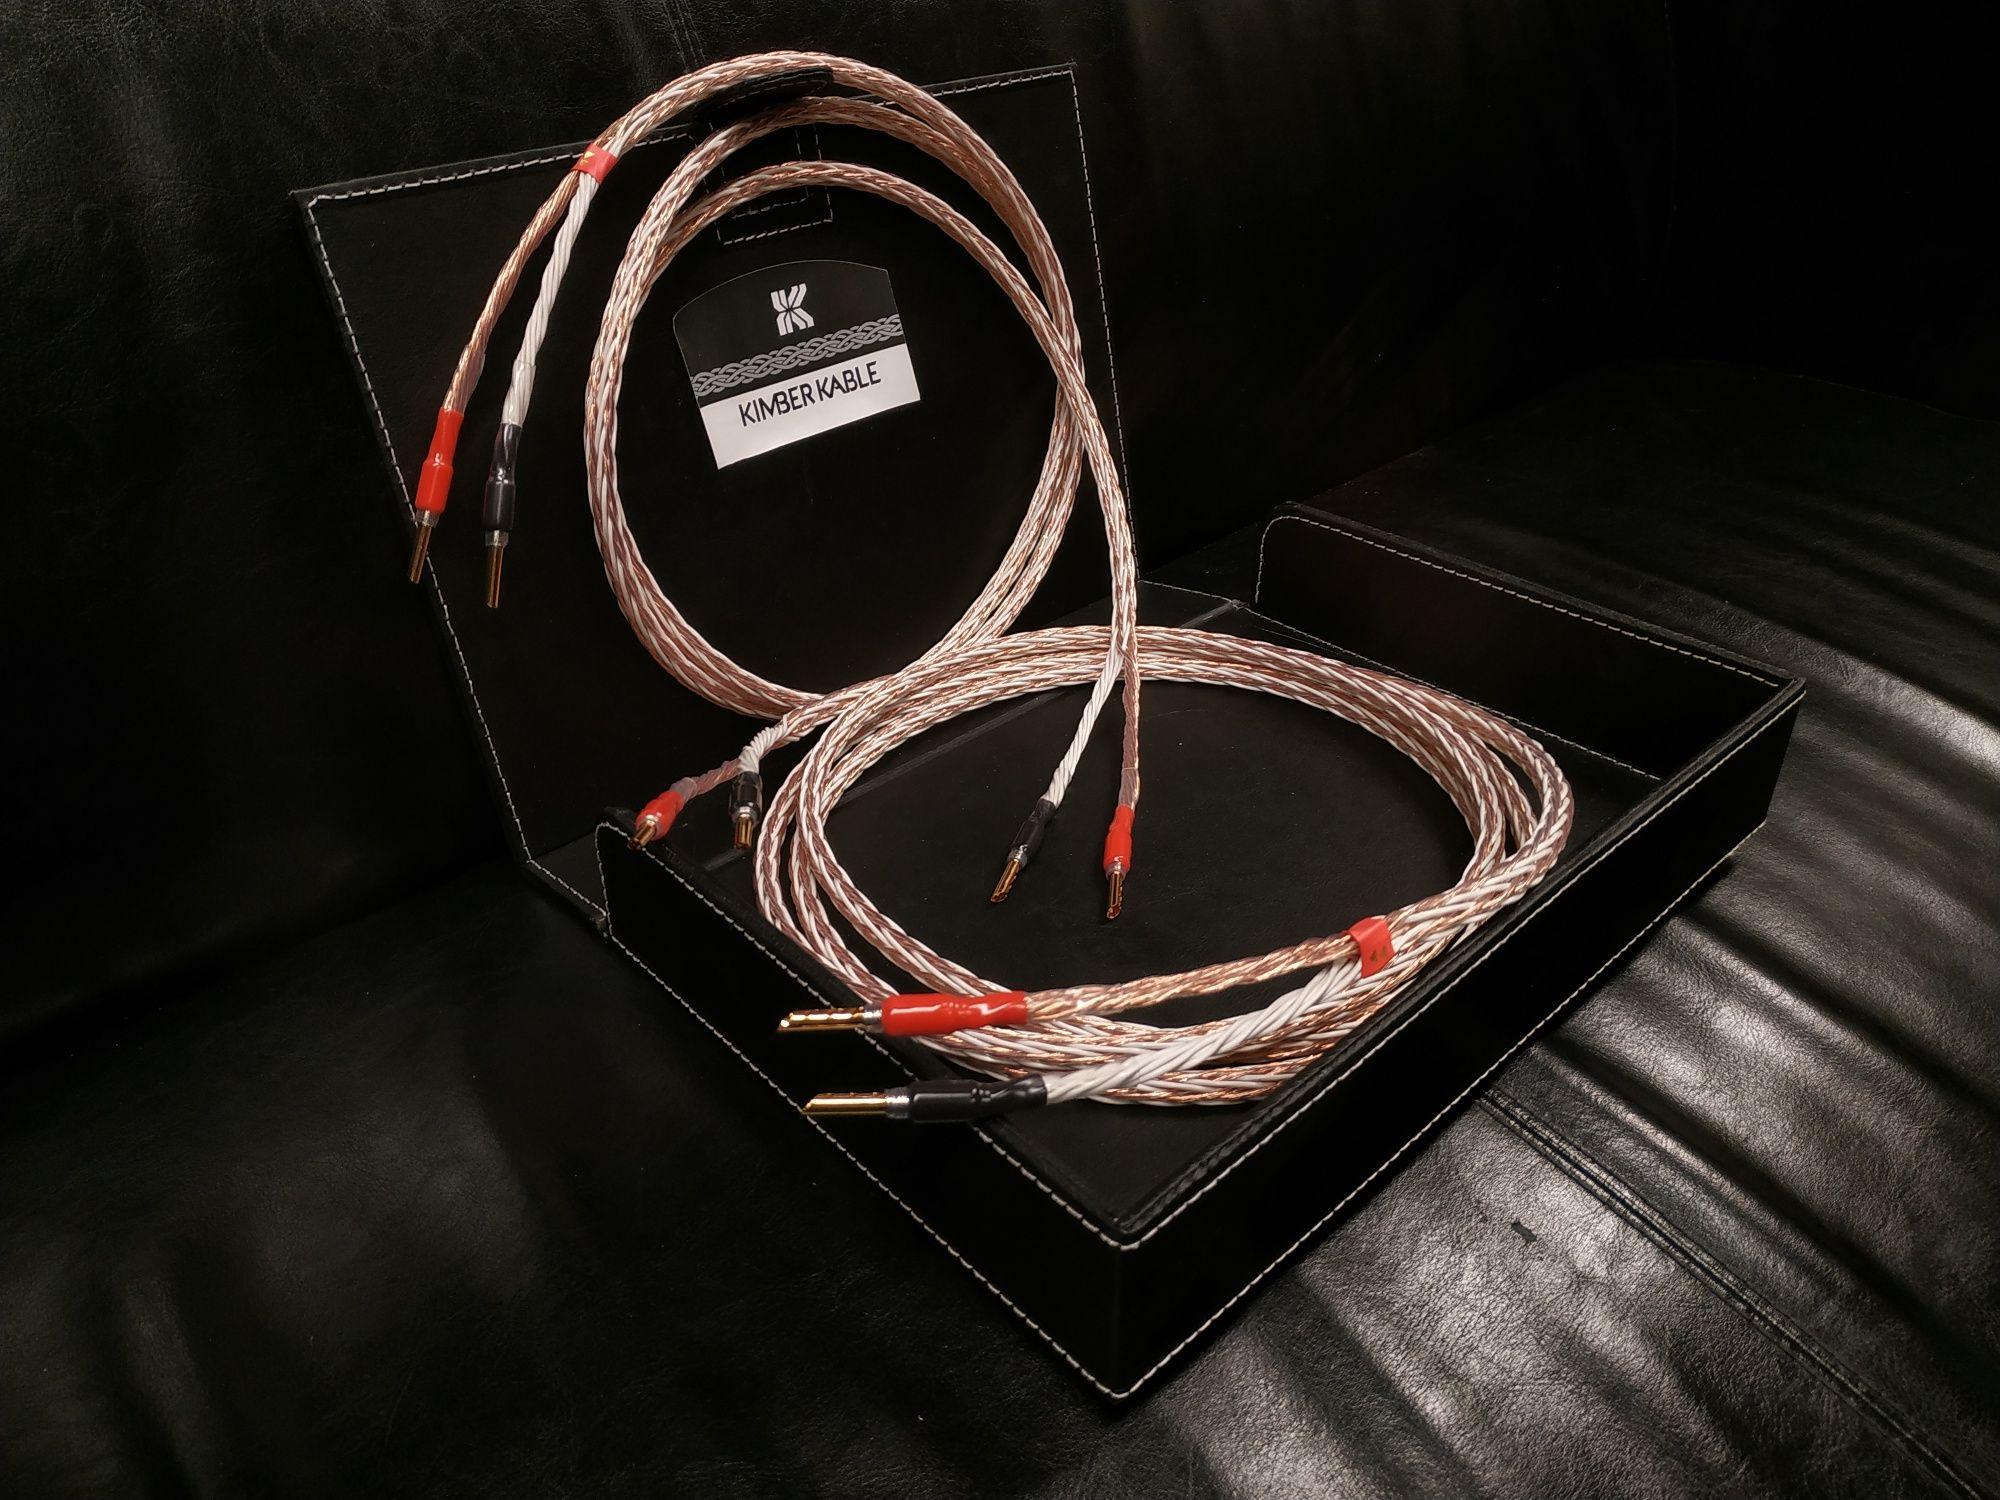 Kimber Kable 8tc kabel głośnikowy konfekcja Trans Audio Hi-Fi Wrocław